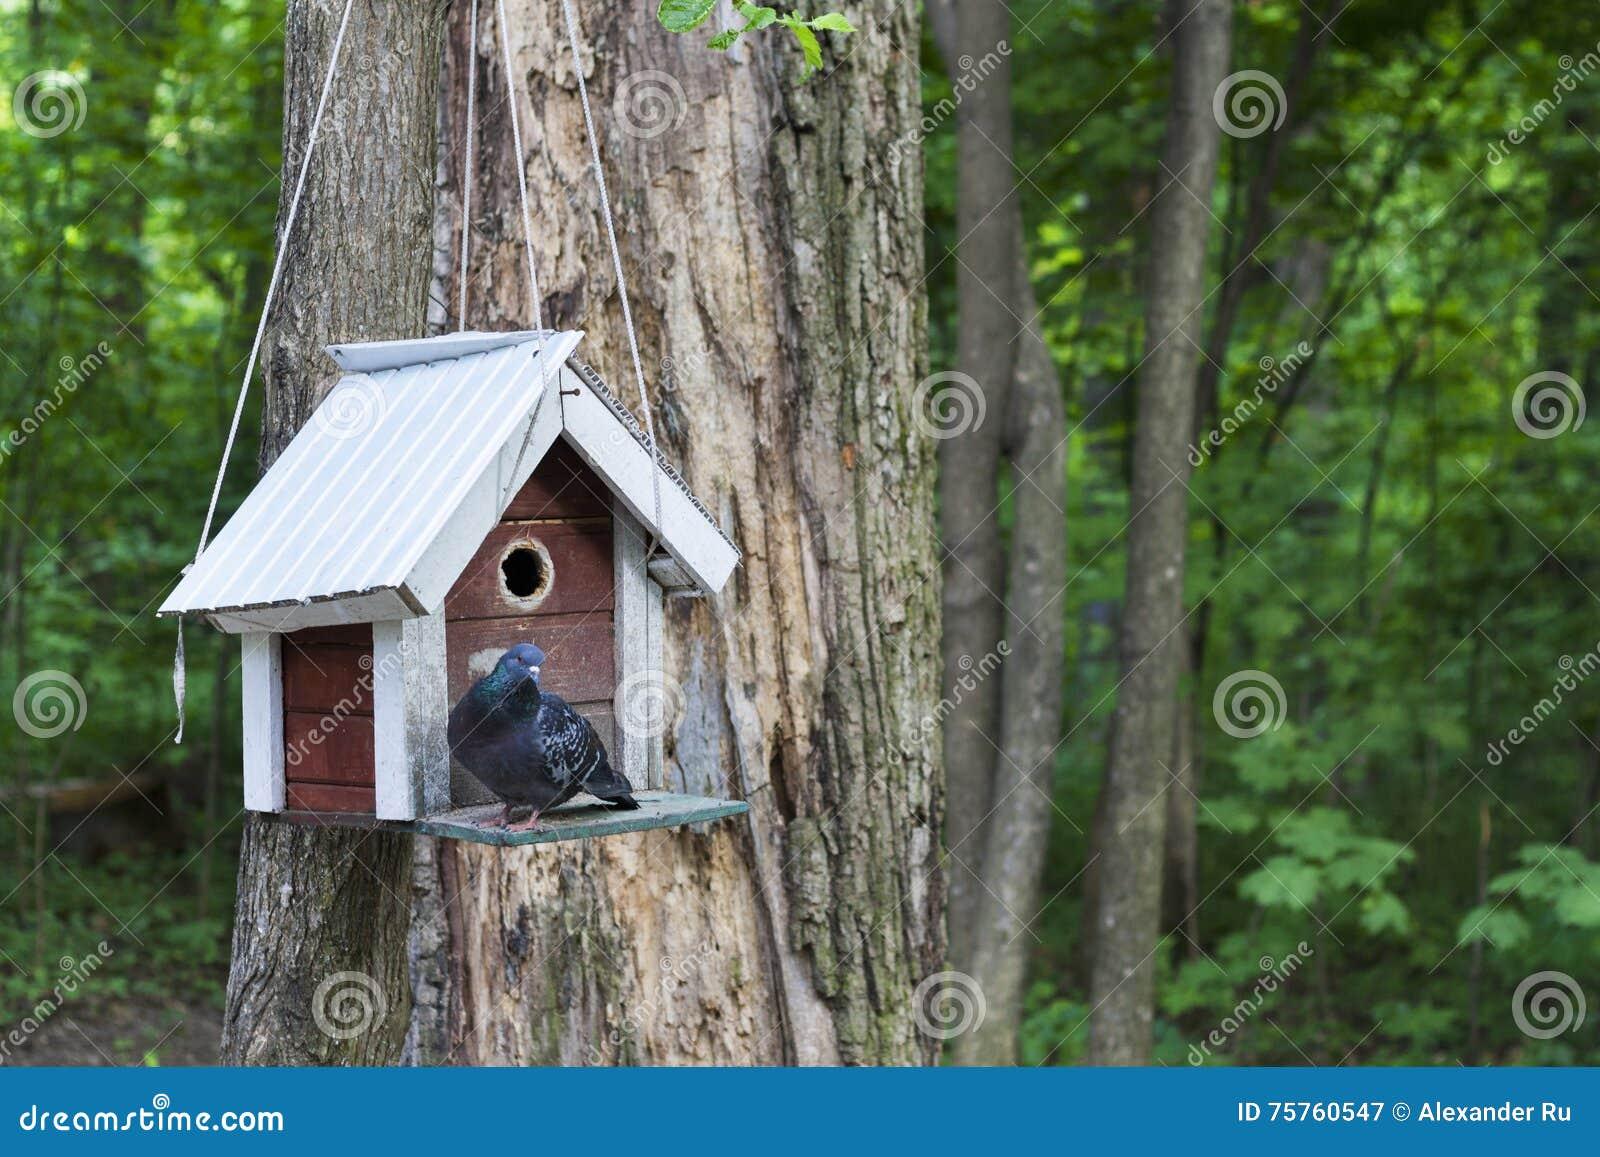 Alimentador, aviário em uma árvore nas madeiras ou parque